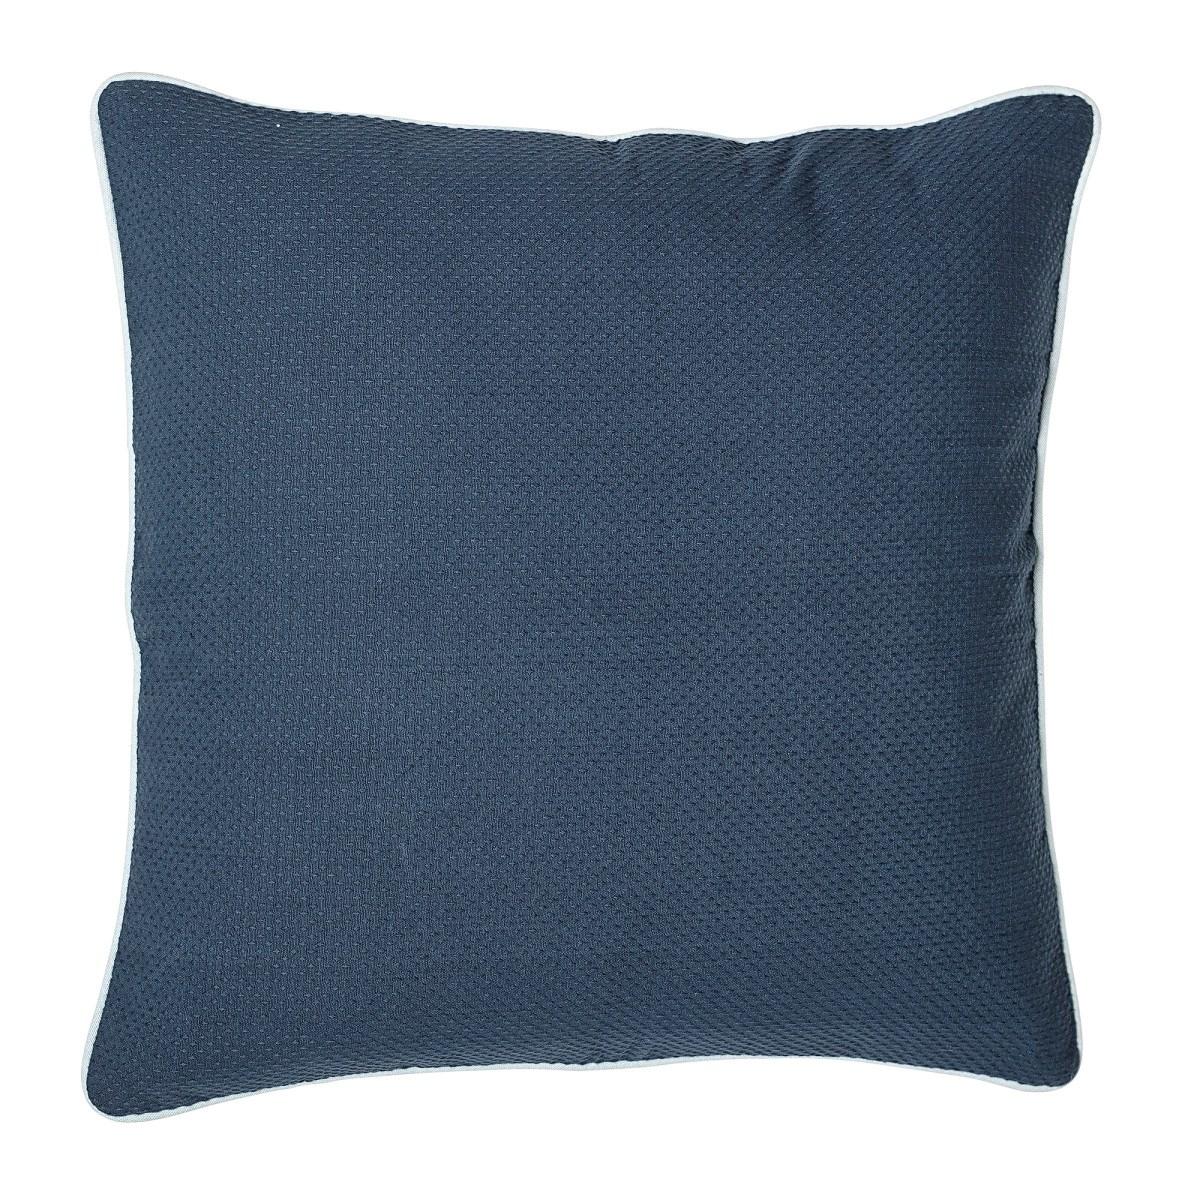 Polštář včetně výplně, 50x50 cm - modrý_3